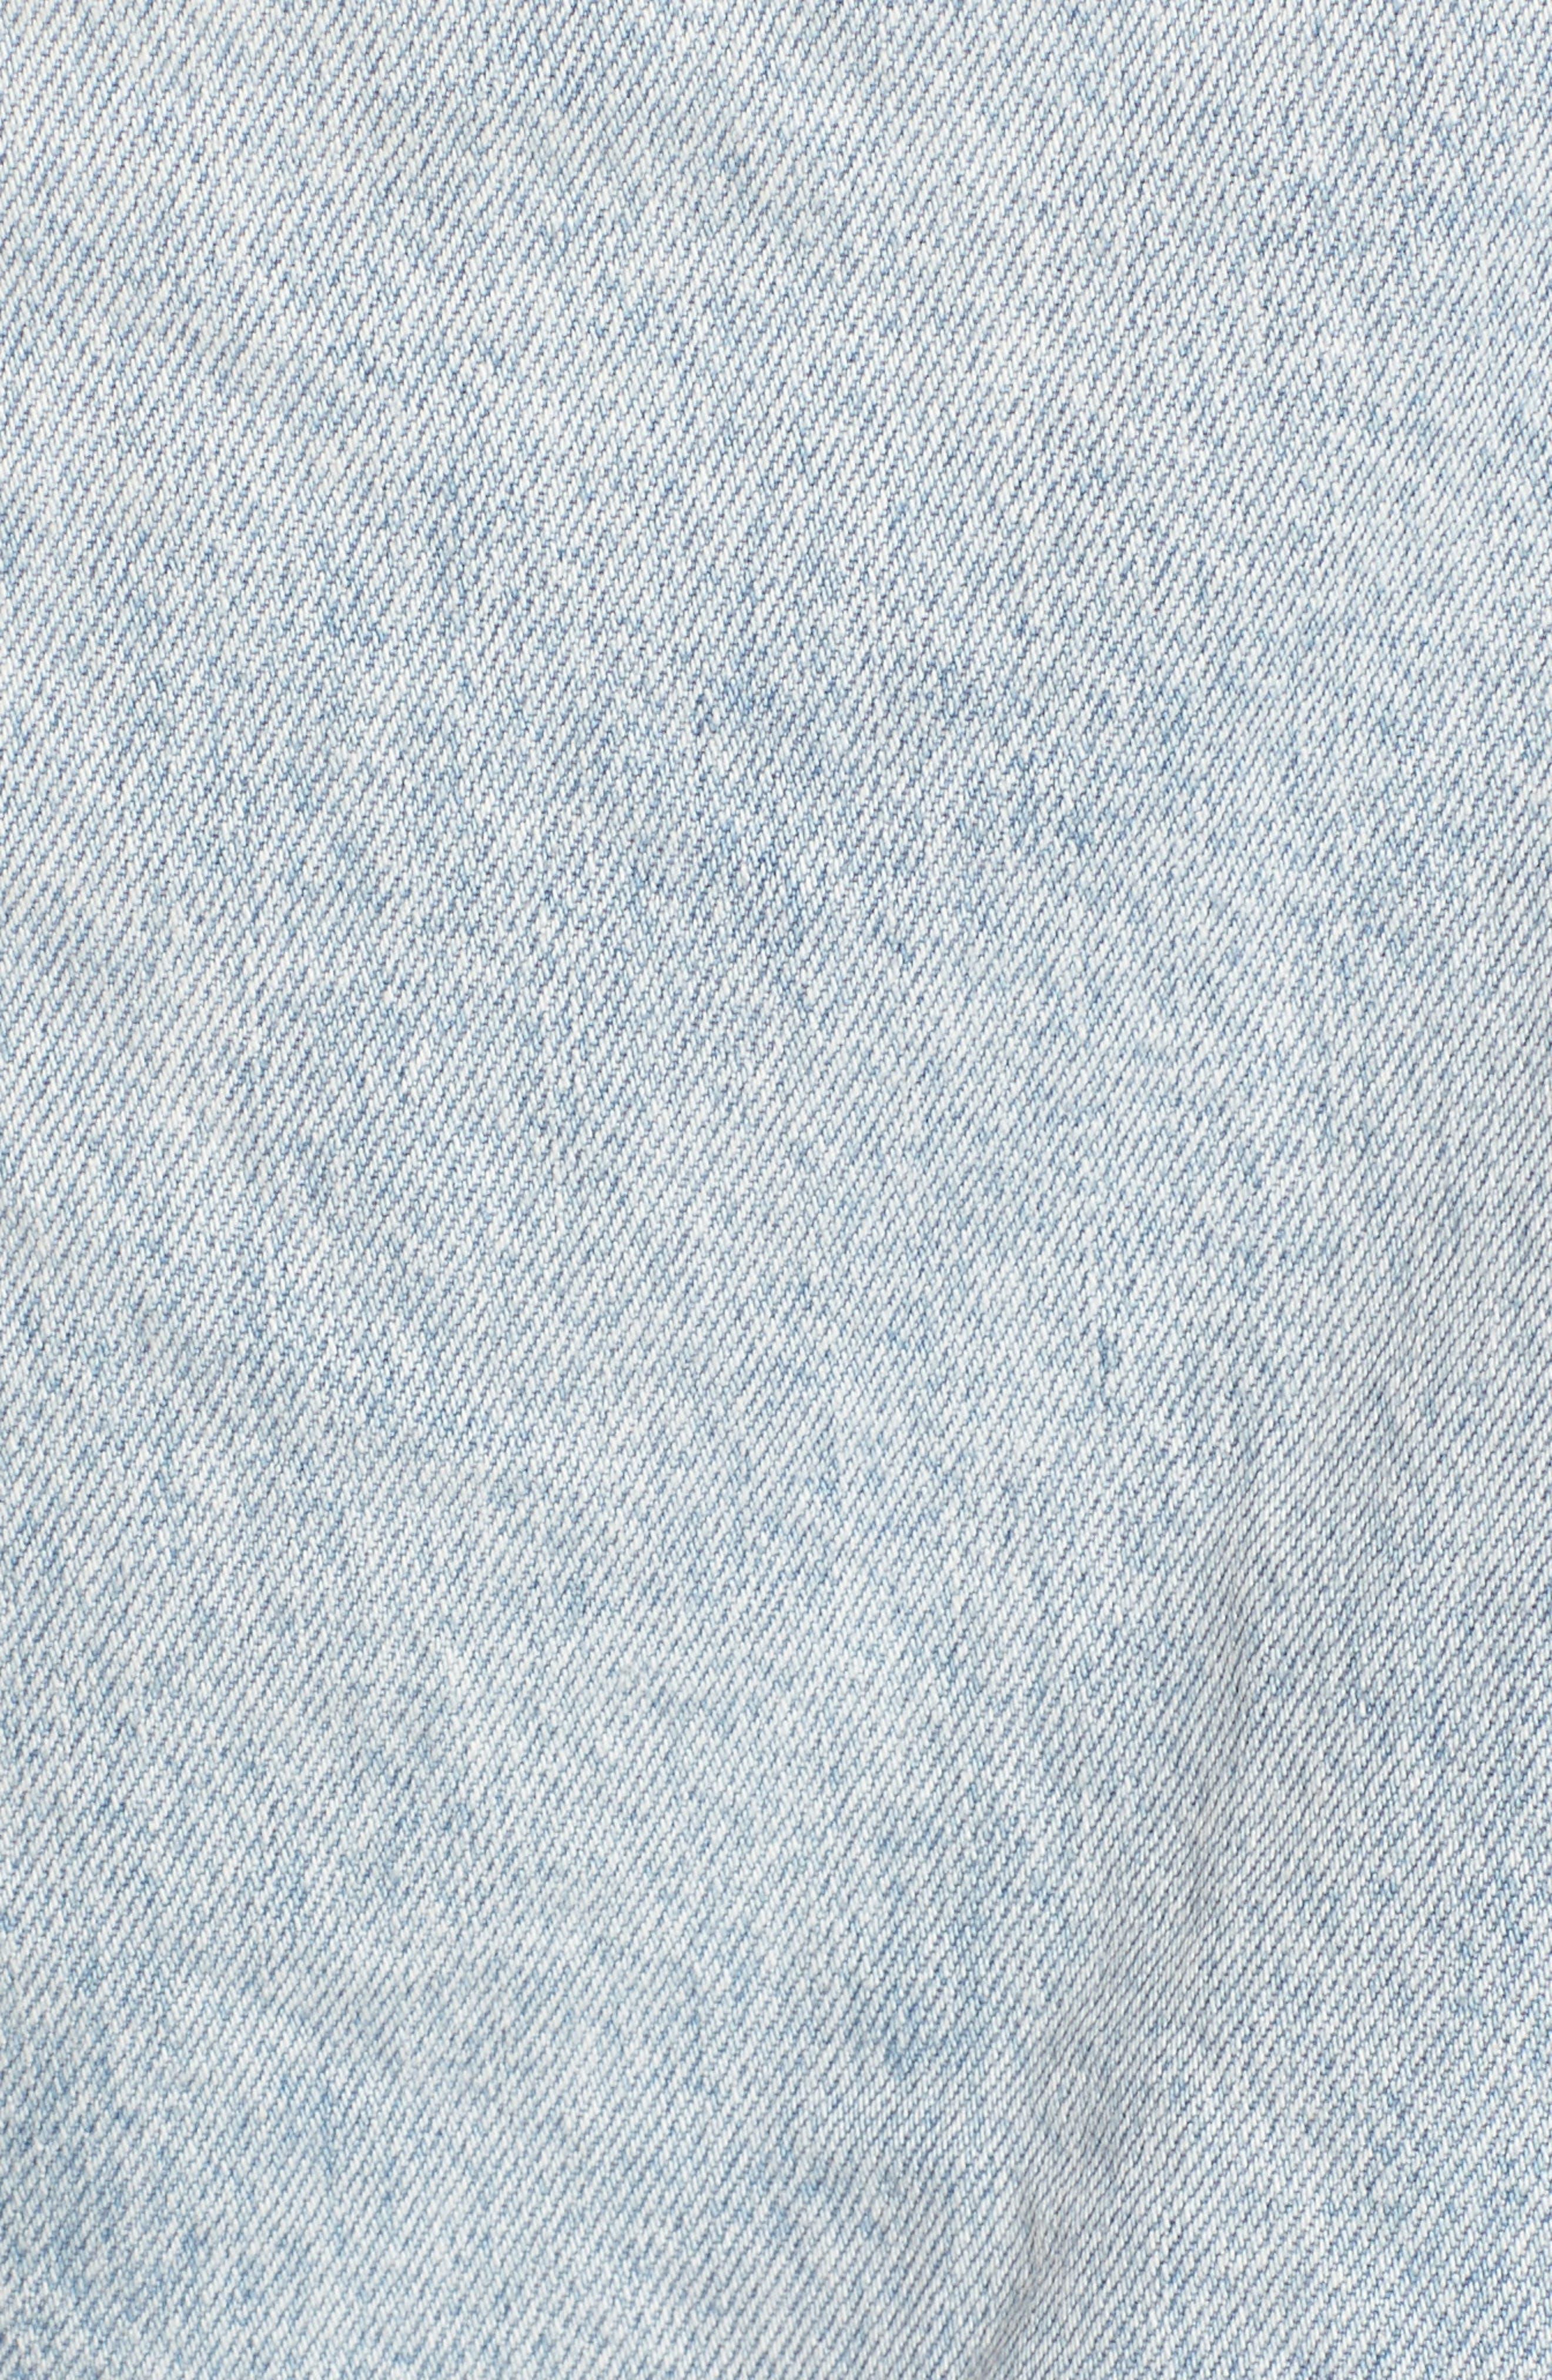 Levis<sup>®</sup> Baggy Trucker Denim Jacket,                             Alternate thumbnail 6, color,                             401